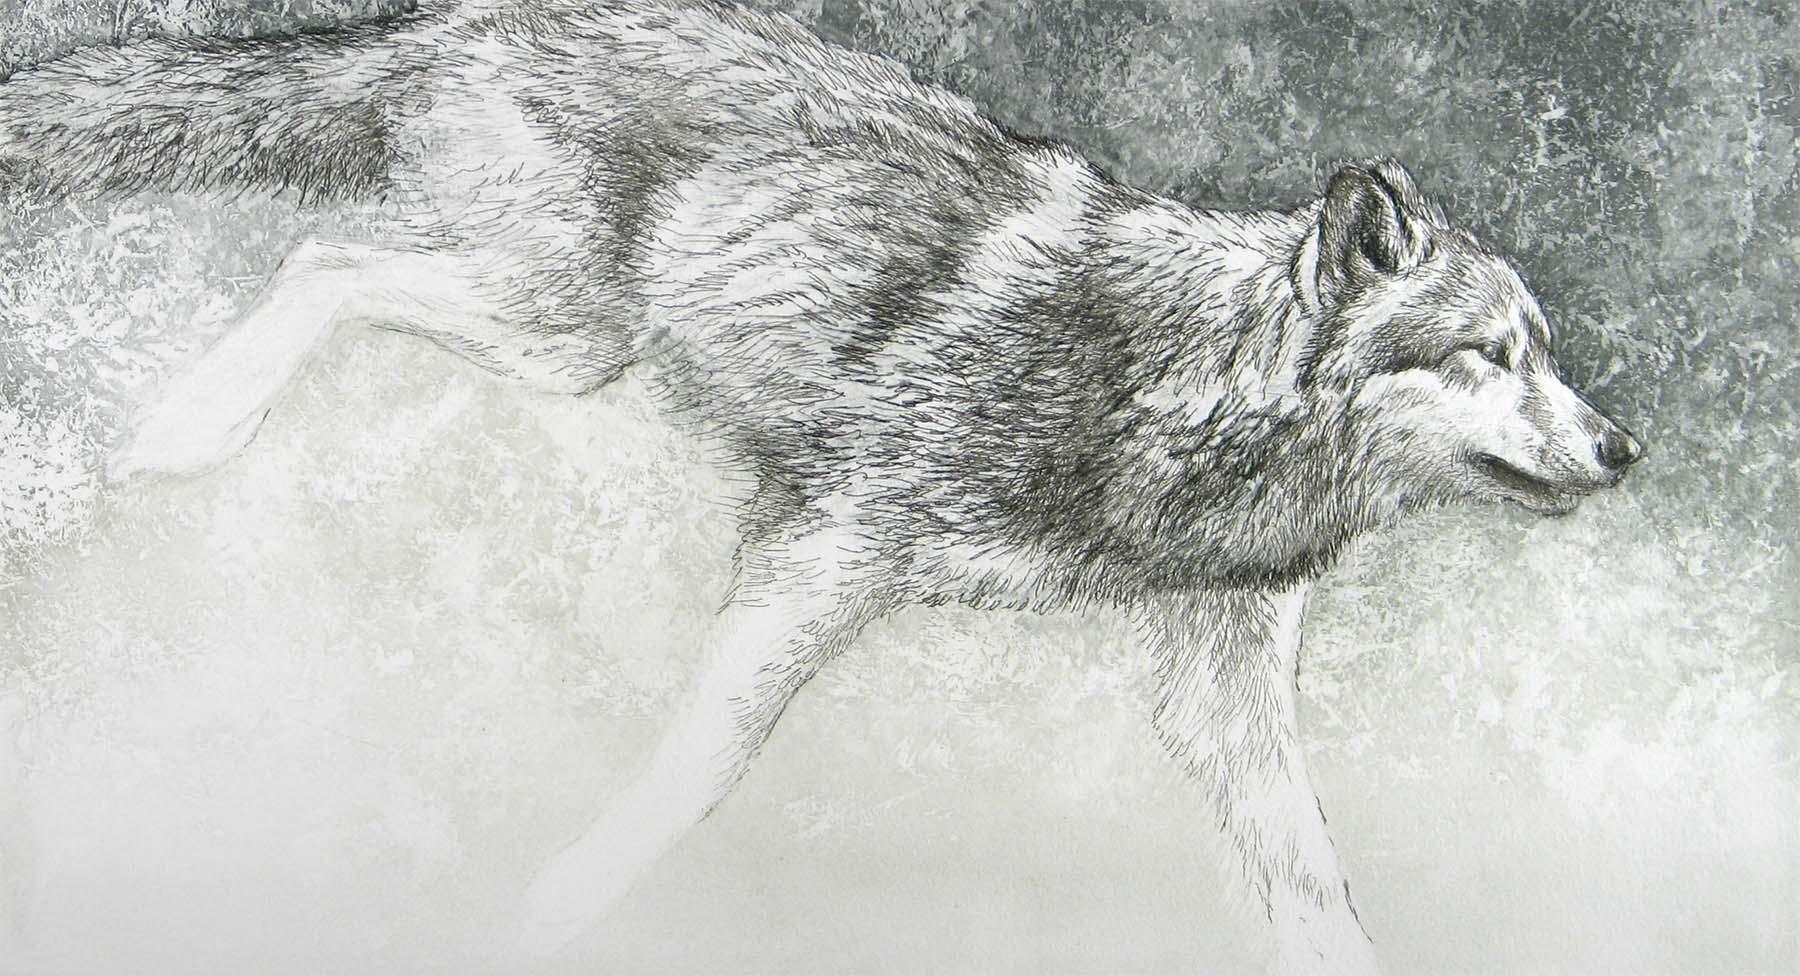 Loping Wolf - Etching - Robert Bateman